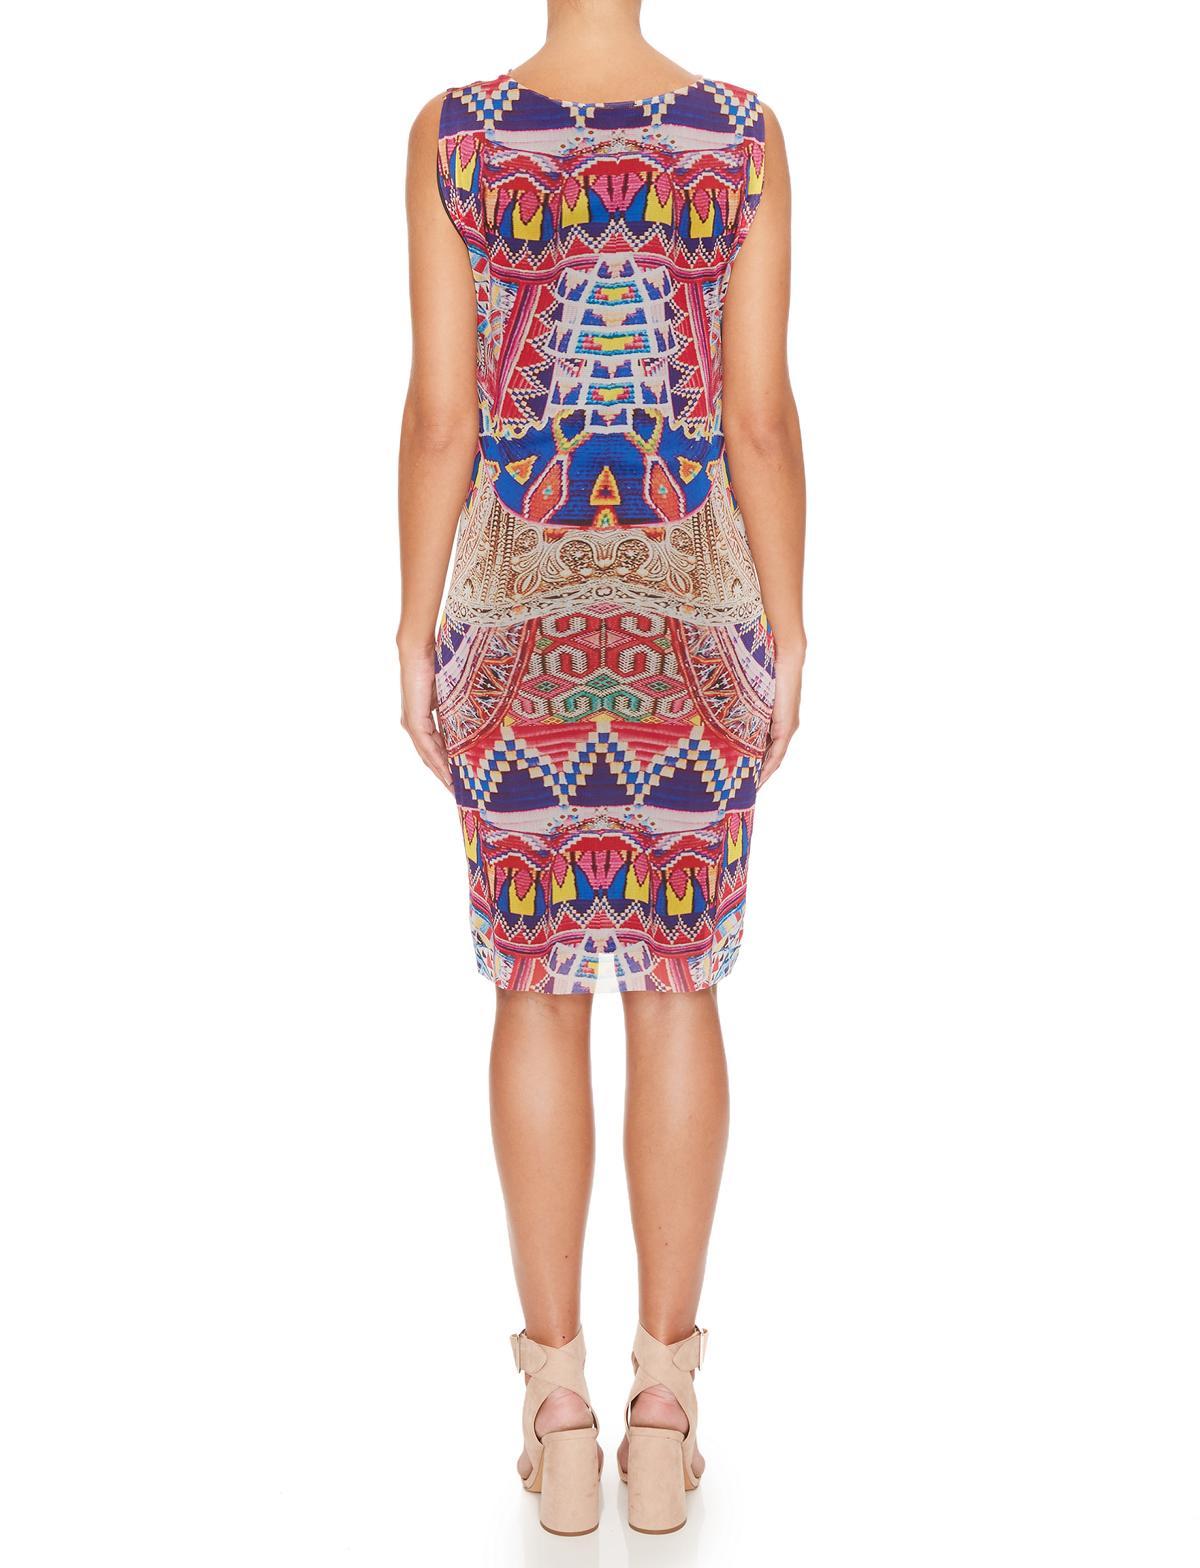 Rückansicht von Ana Alcazar Etui Kleid Melibessa  angezogen an Model